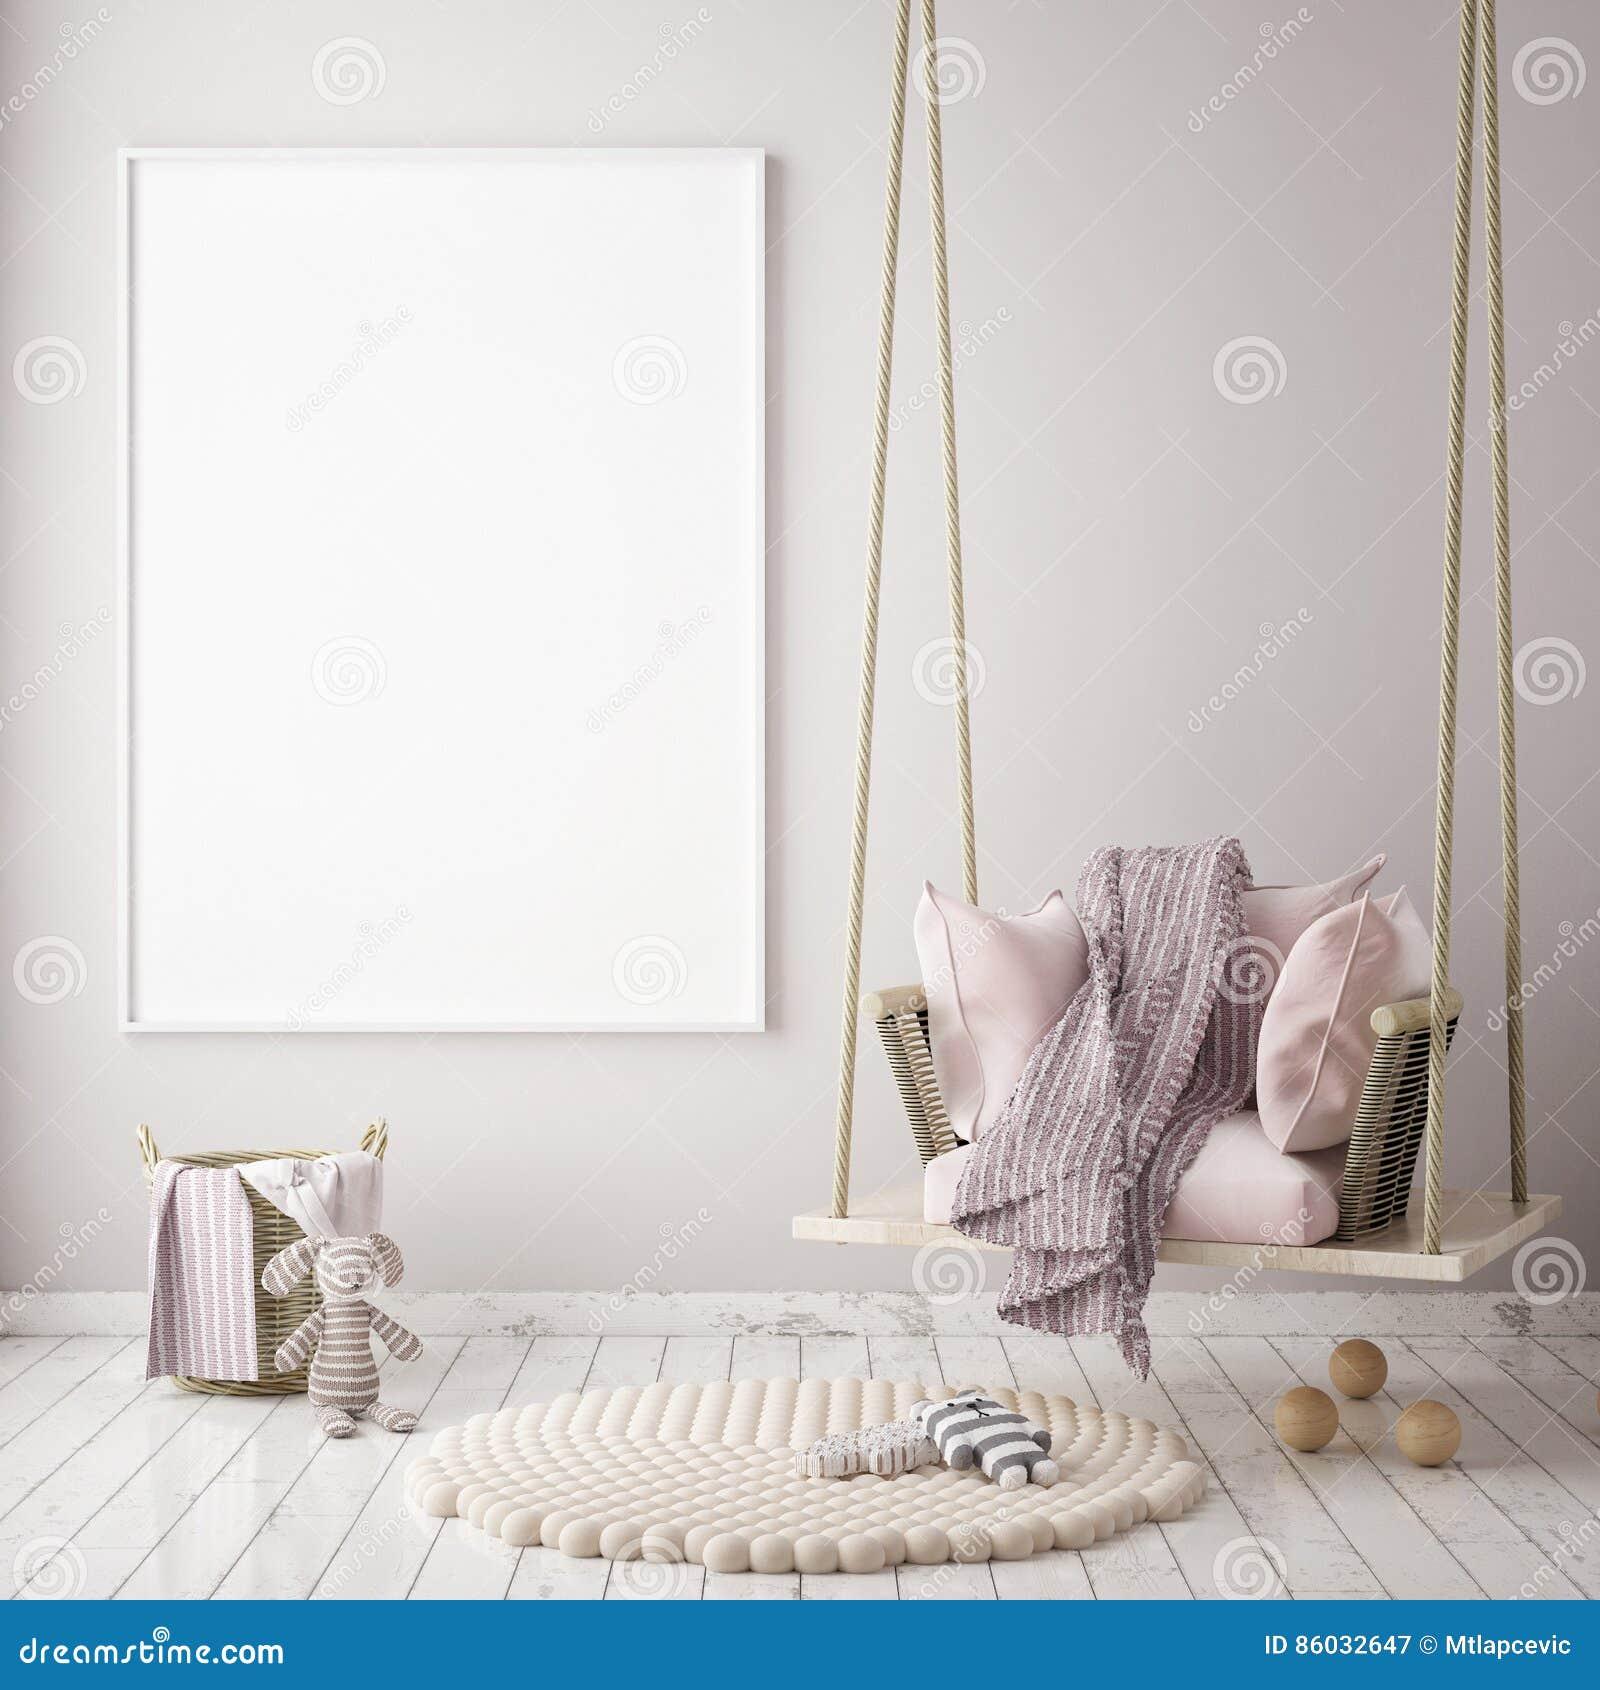 Imite encima de marco del cartel en el dormitorio de los niños, fondo interior del estilo escandinavo, 3D rinden